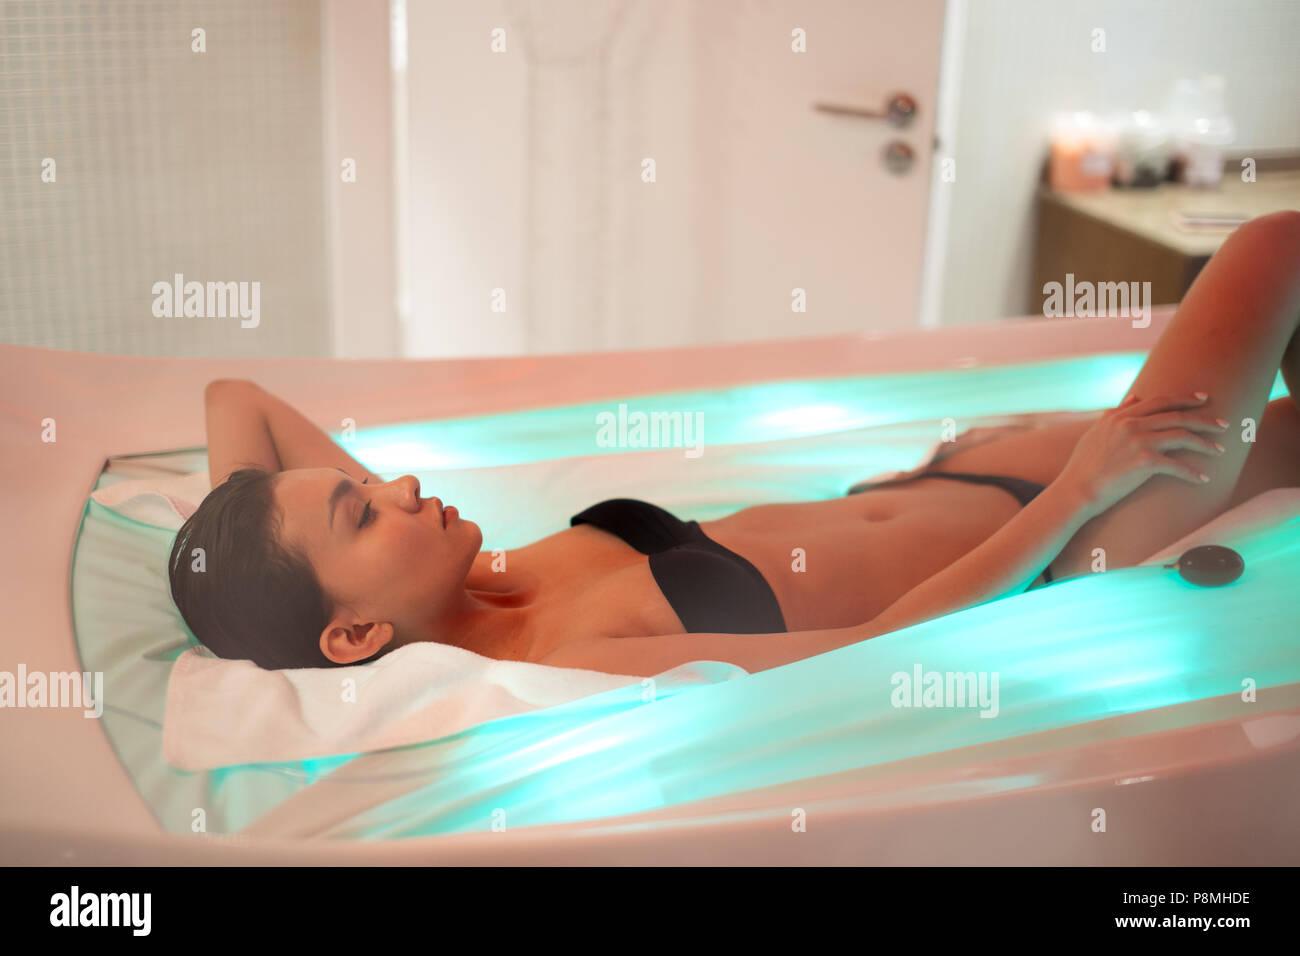 Wirkung von Licht auf den Organismus. junge Frau mit Massage mit Beleuchtung Stockbild